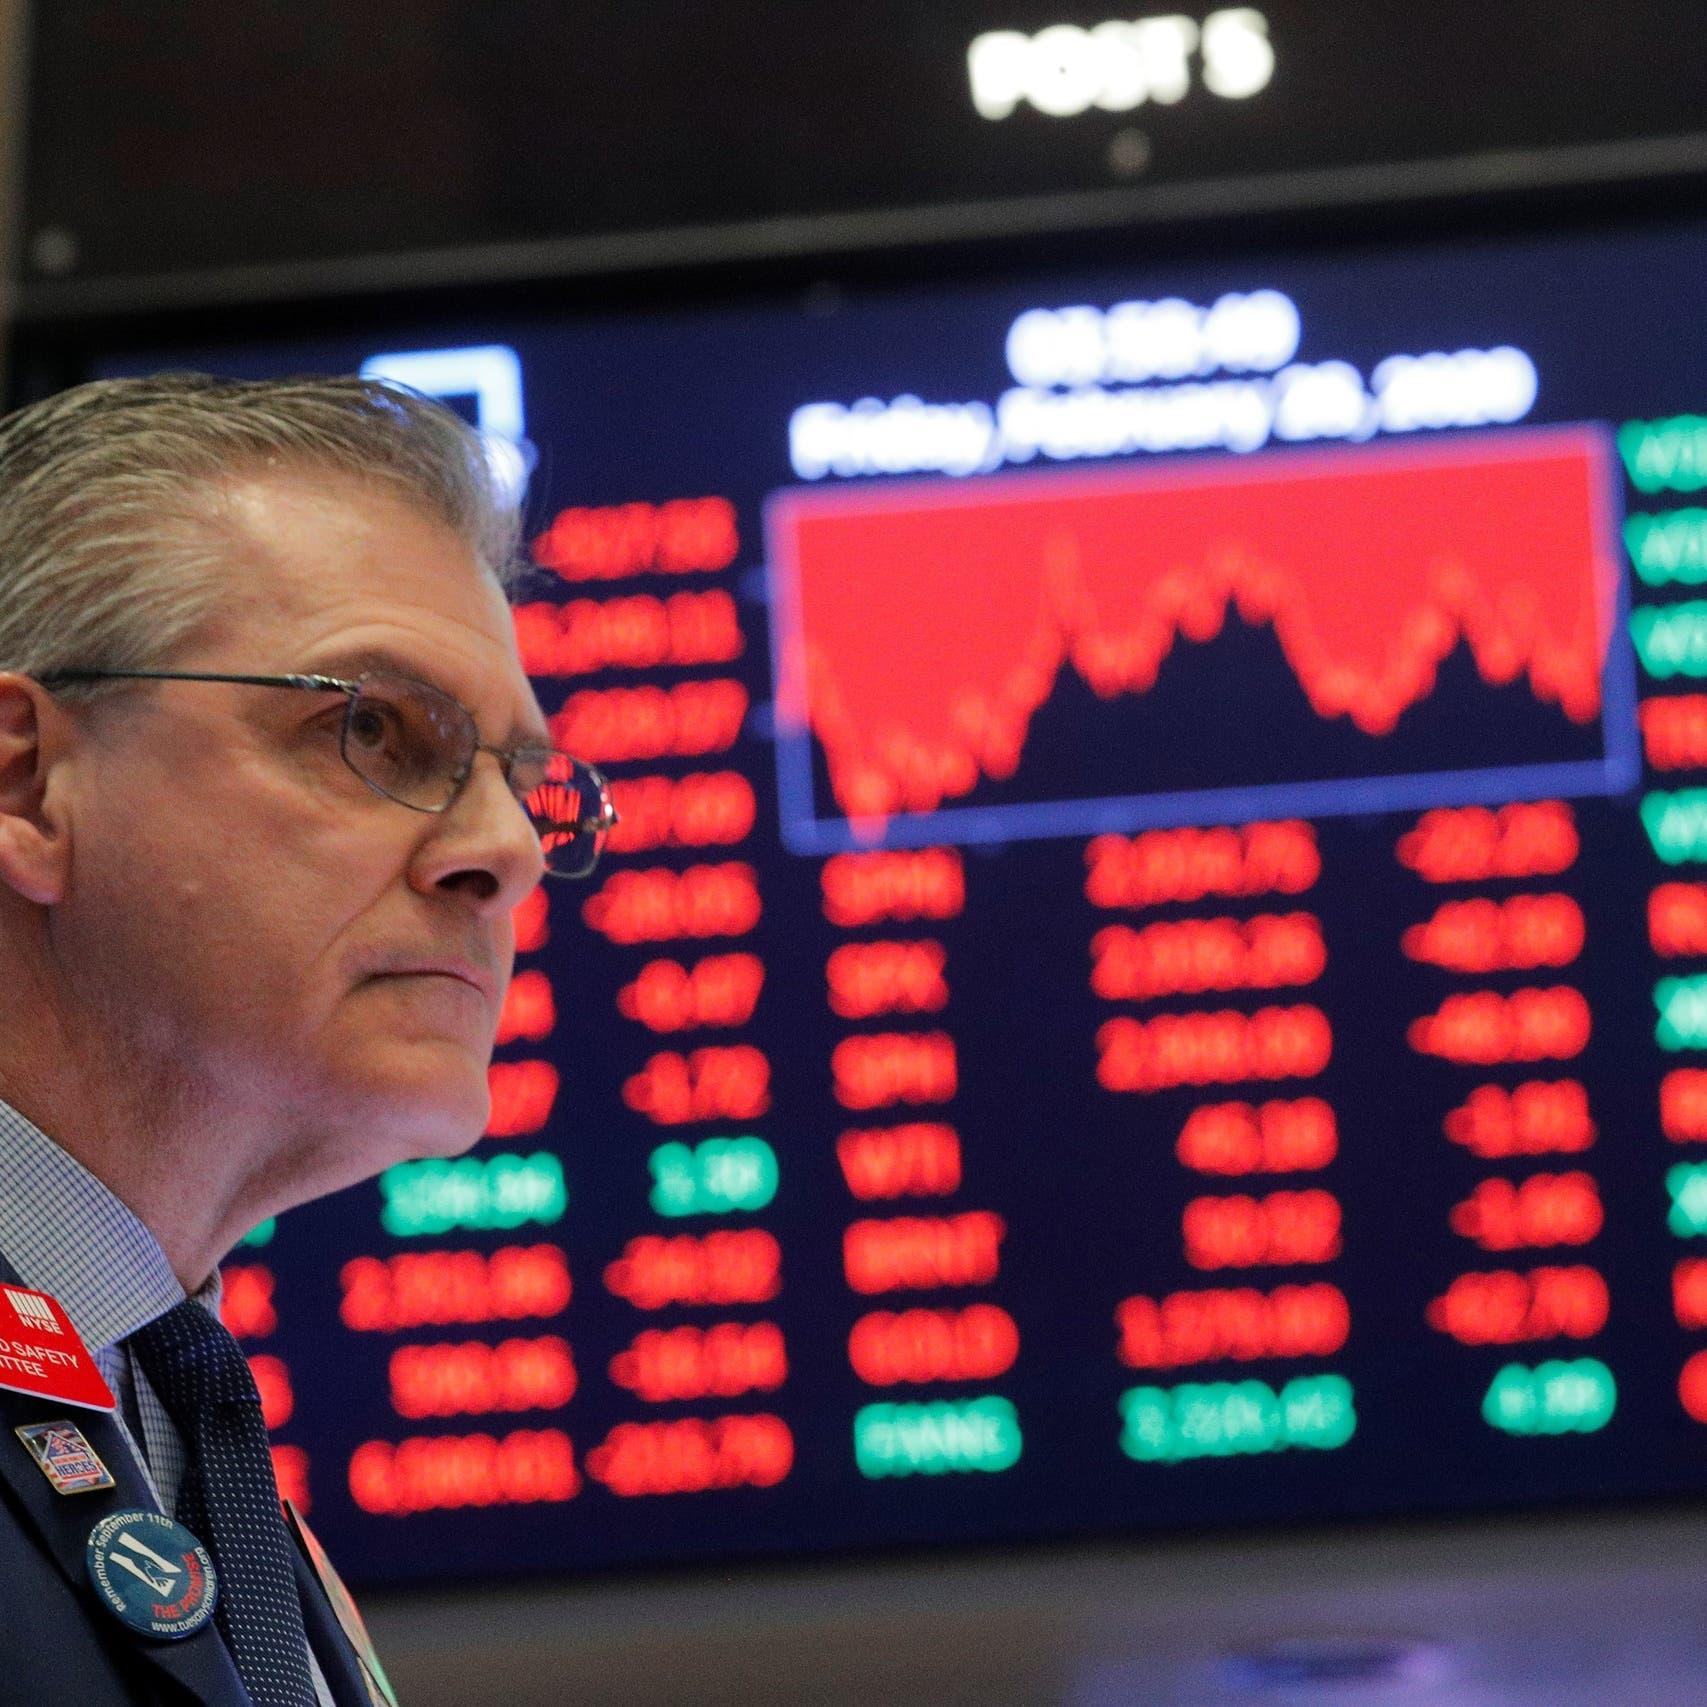 أنباء إيجابية تدعم نفسية المتعاملين في الأسواق العالمية